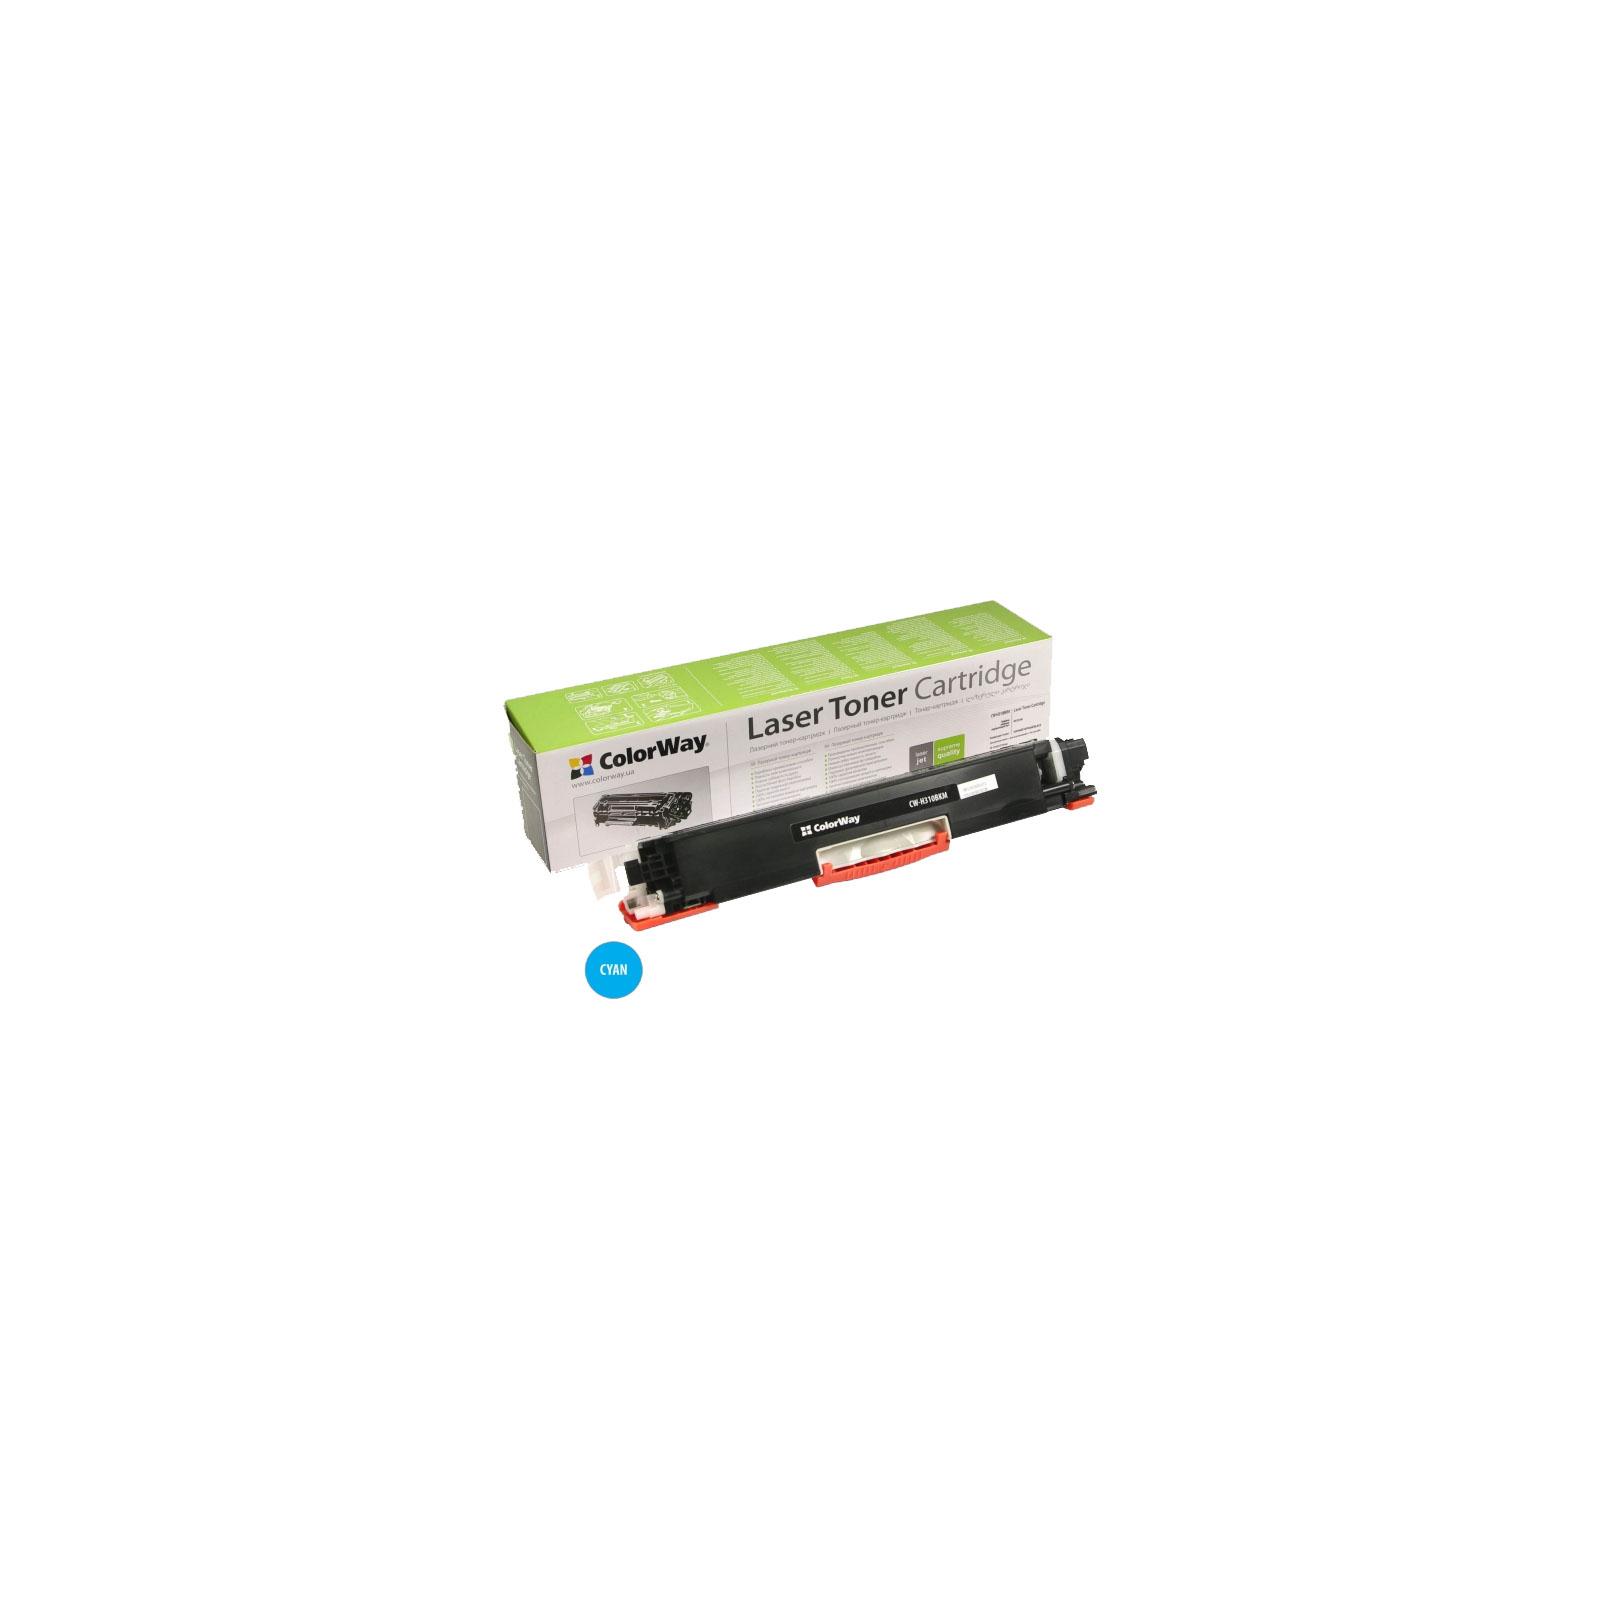 Картридж ColorWay для HP CLJ CP1025 Cyan (CE311A) (CW-H311CM)